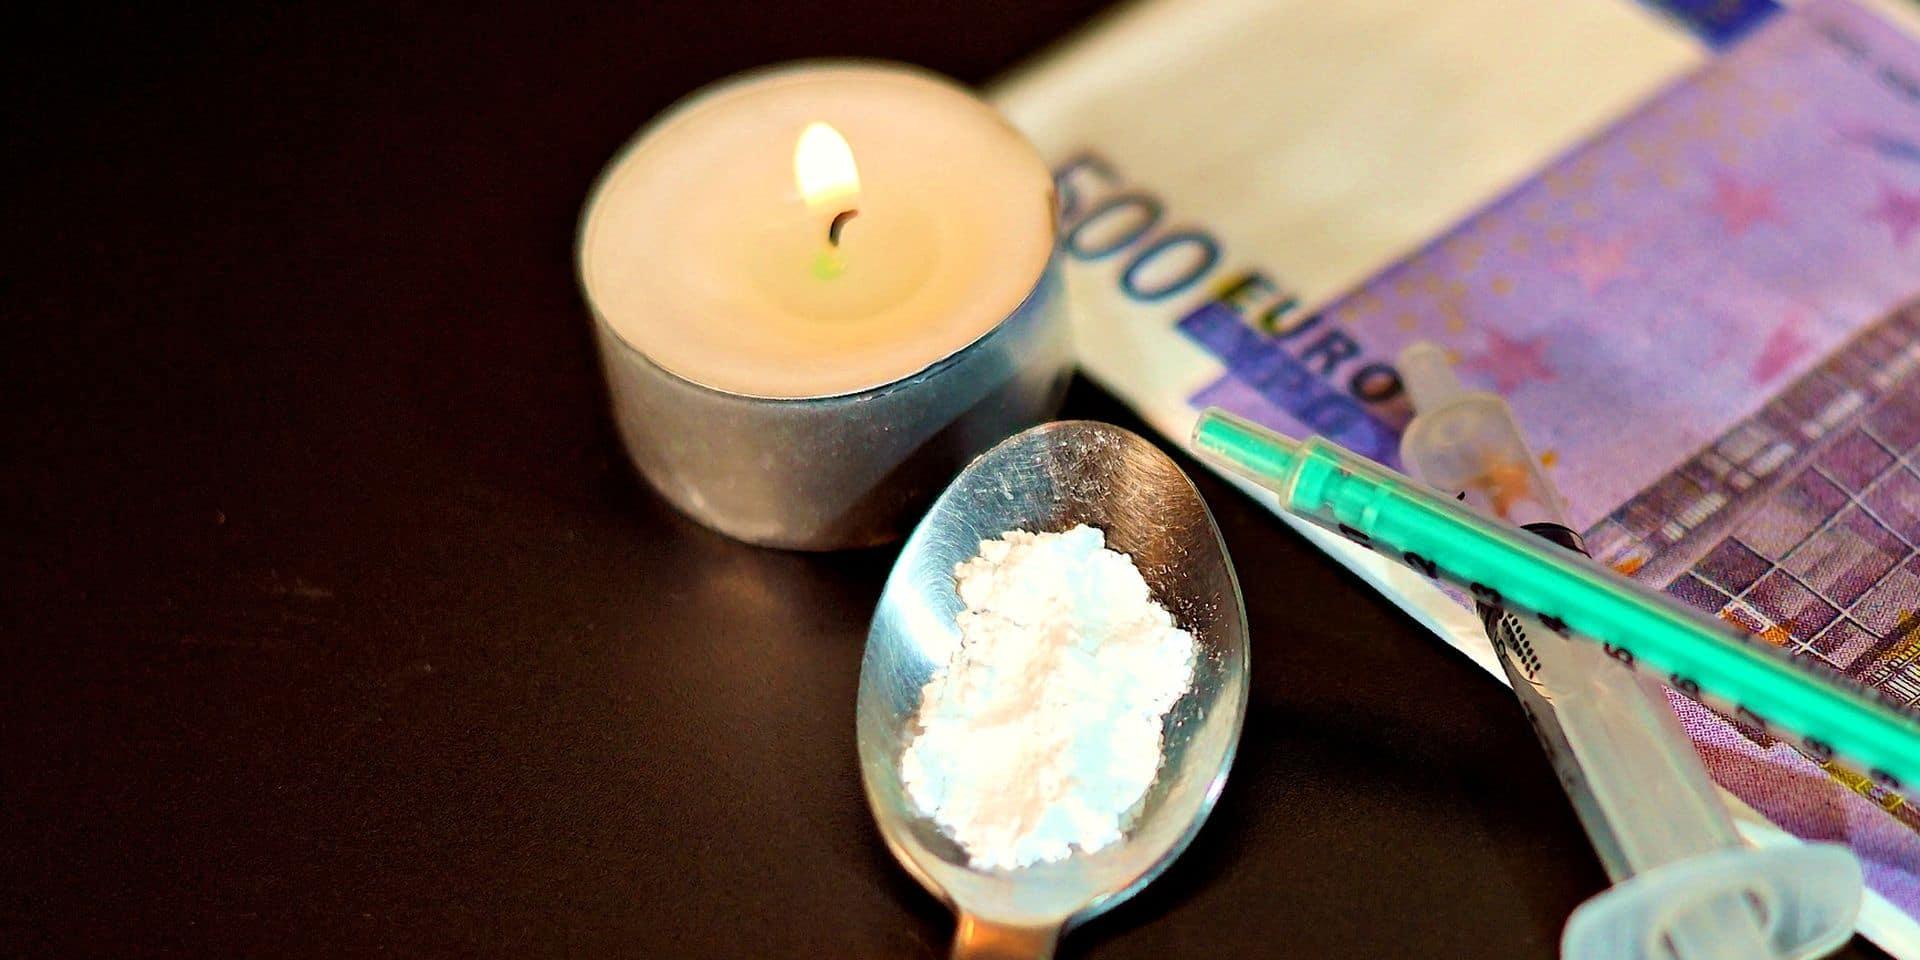 Samir, dealer de cocaïne et d'héroïne, appréhendé par la police dans un lavoir